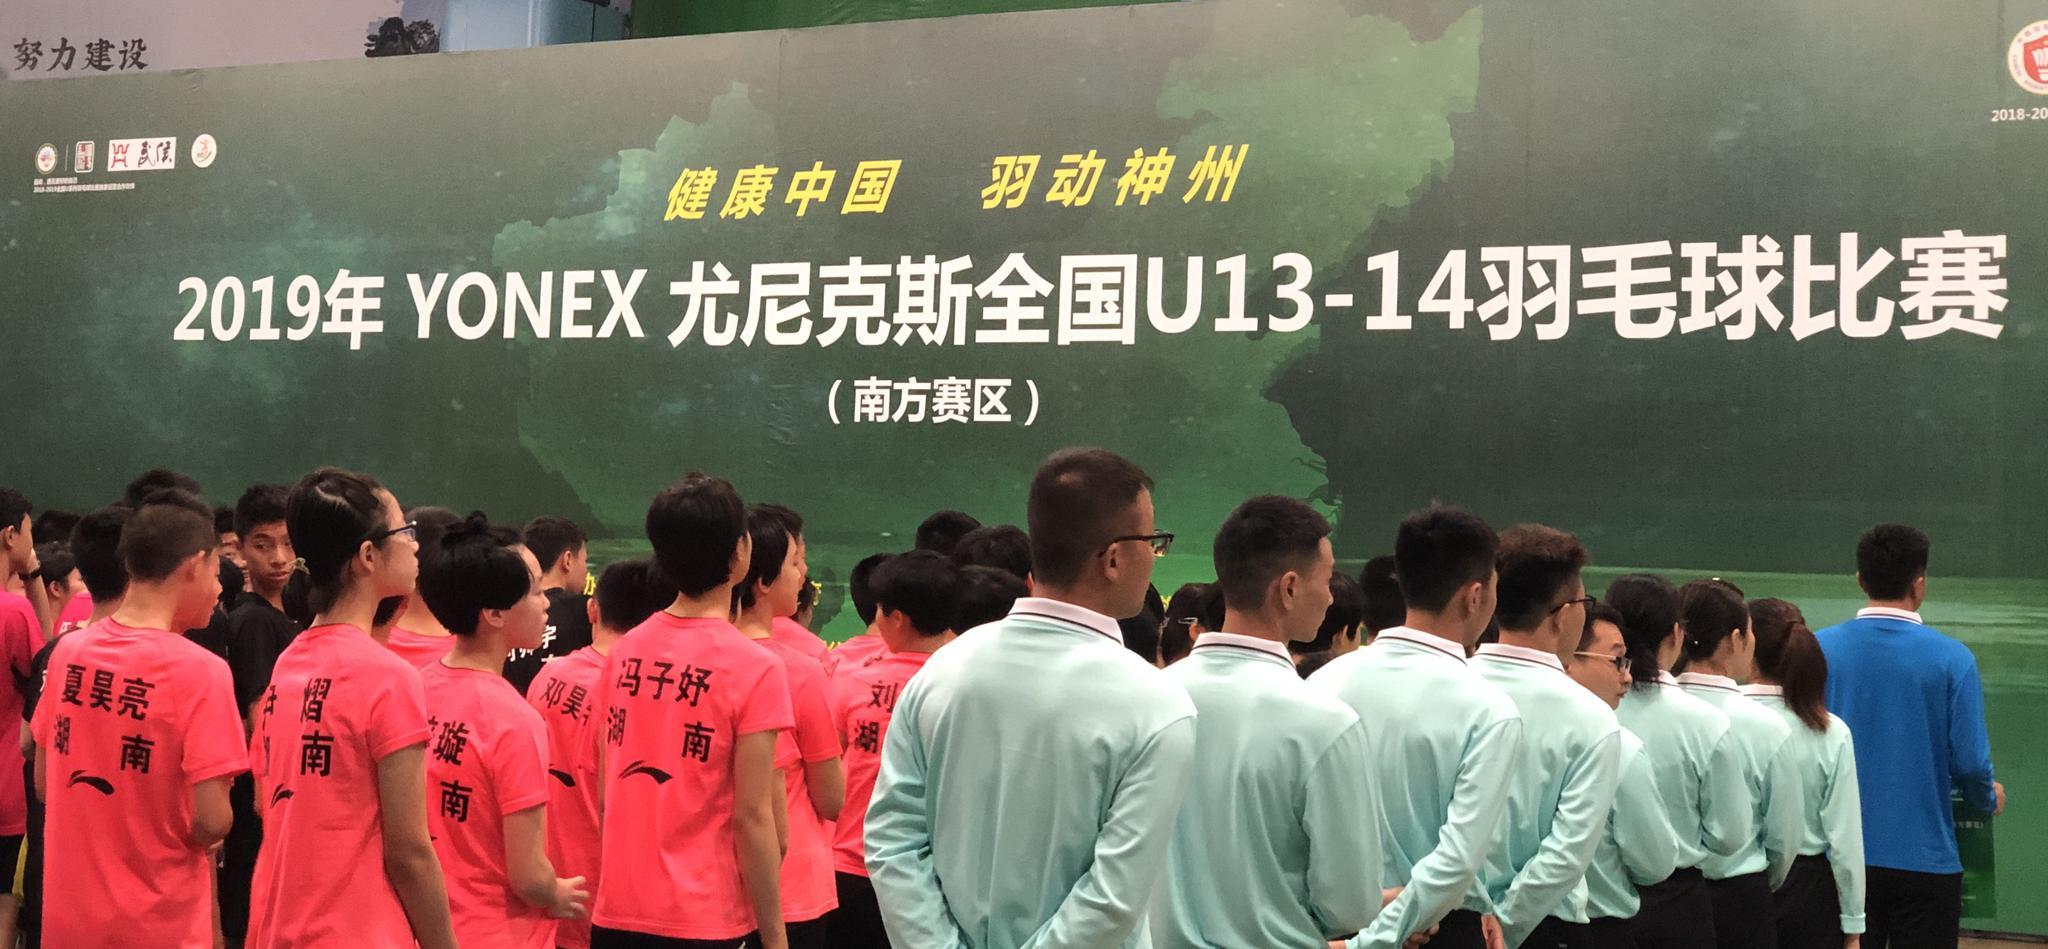 全国U13-14羽毛球比赛(南方赛区)在蓉开拍